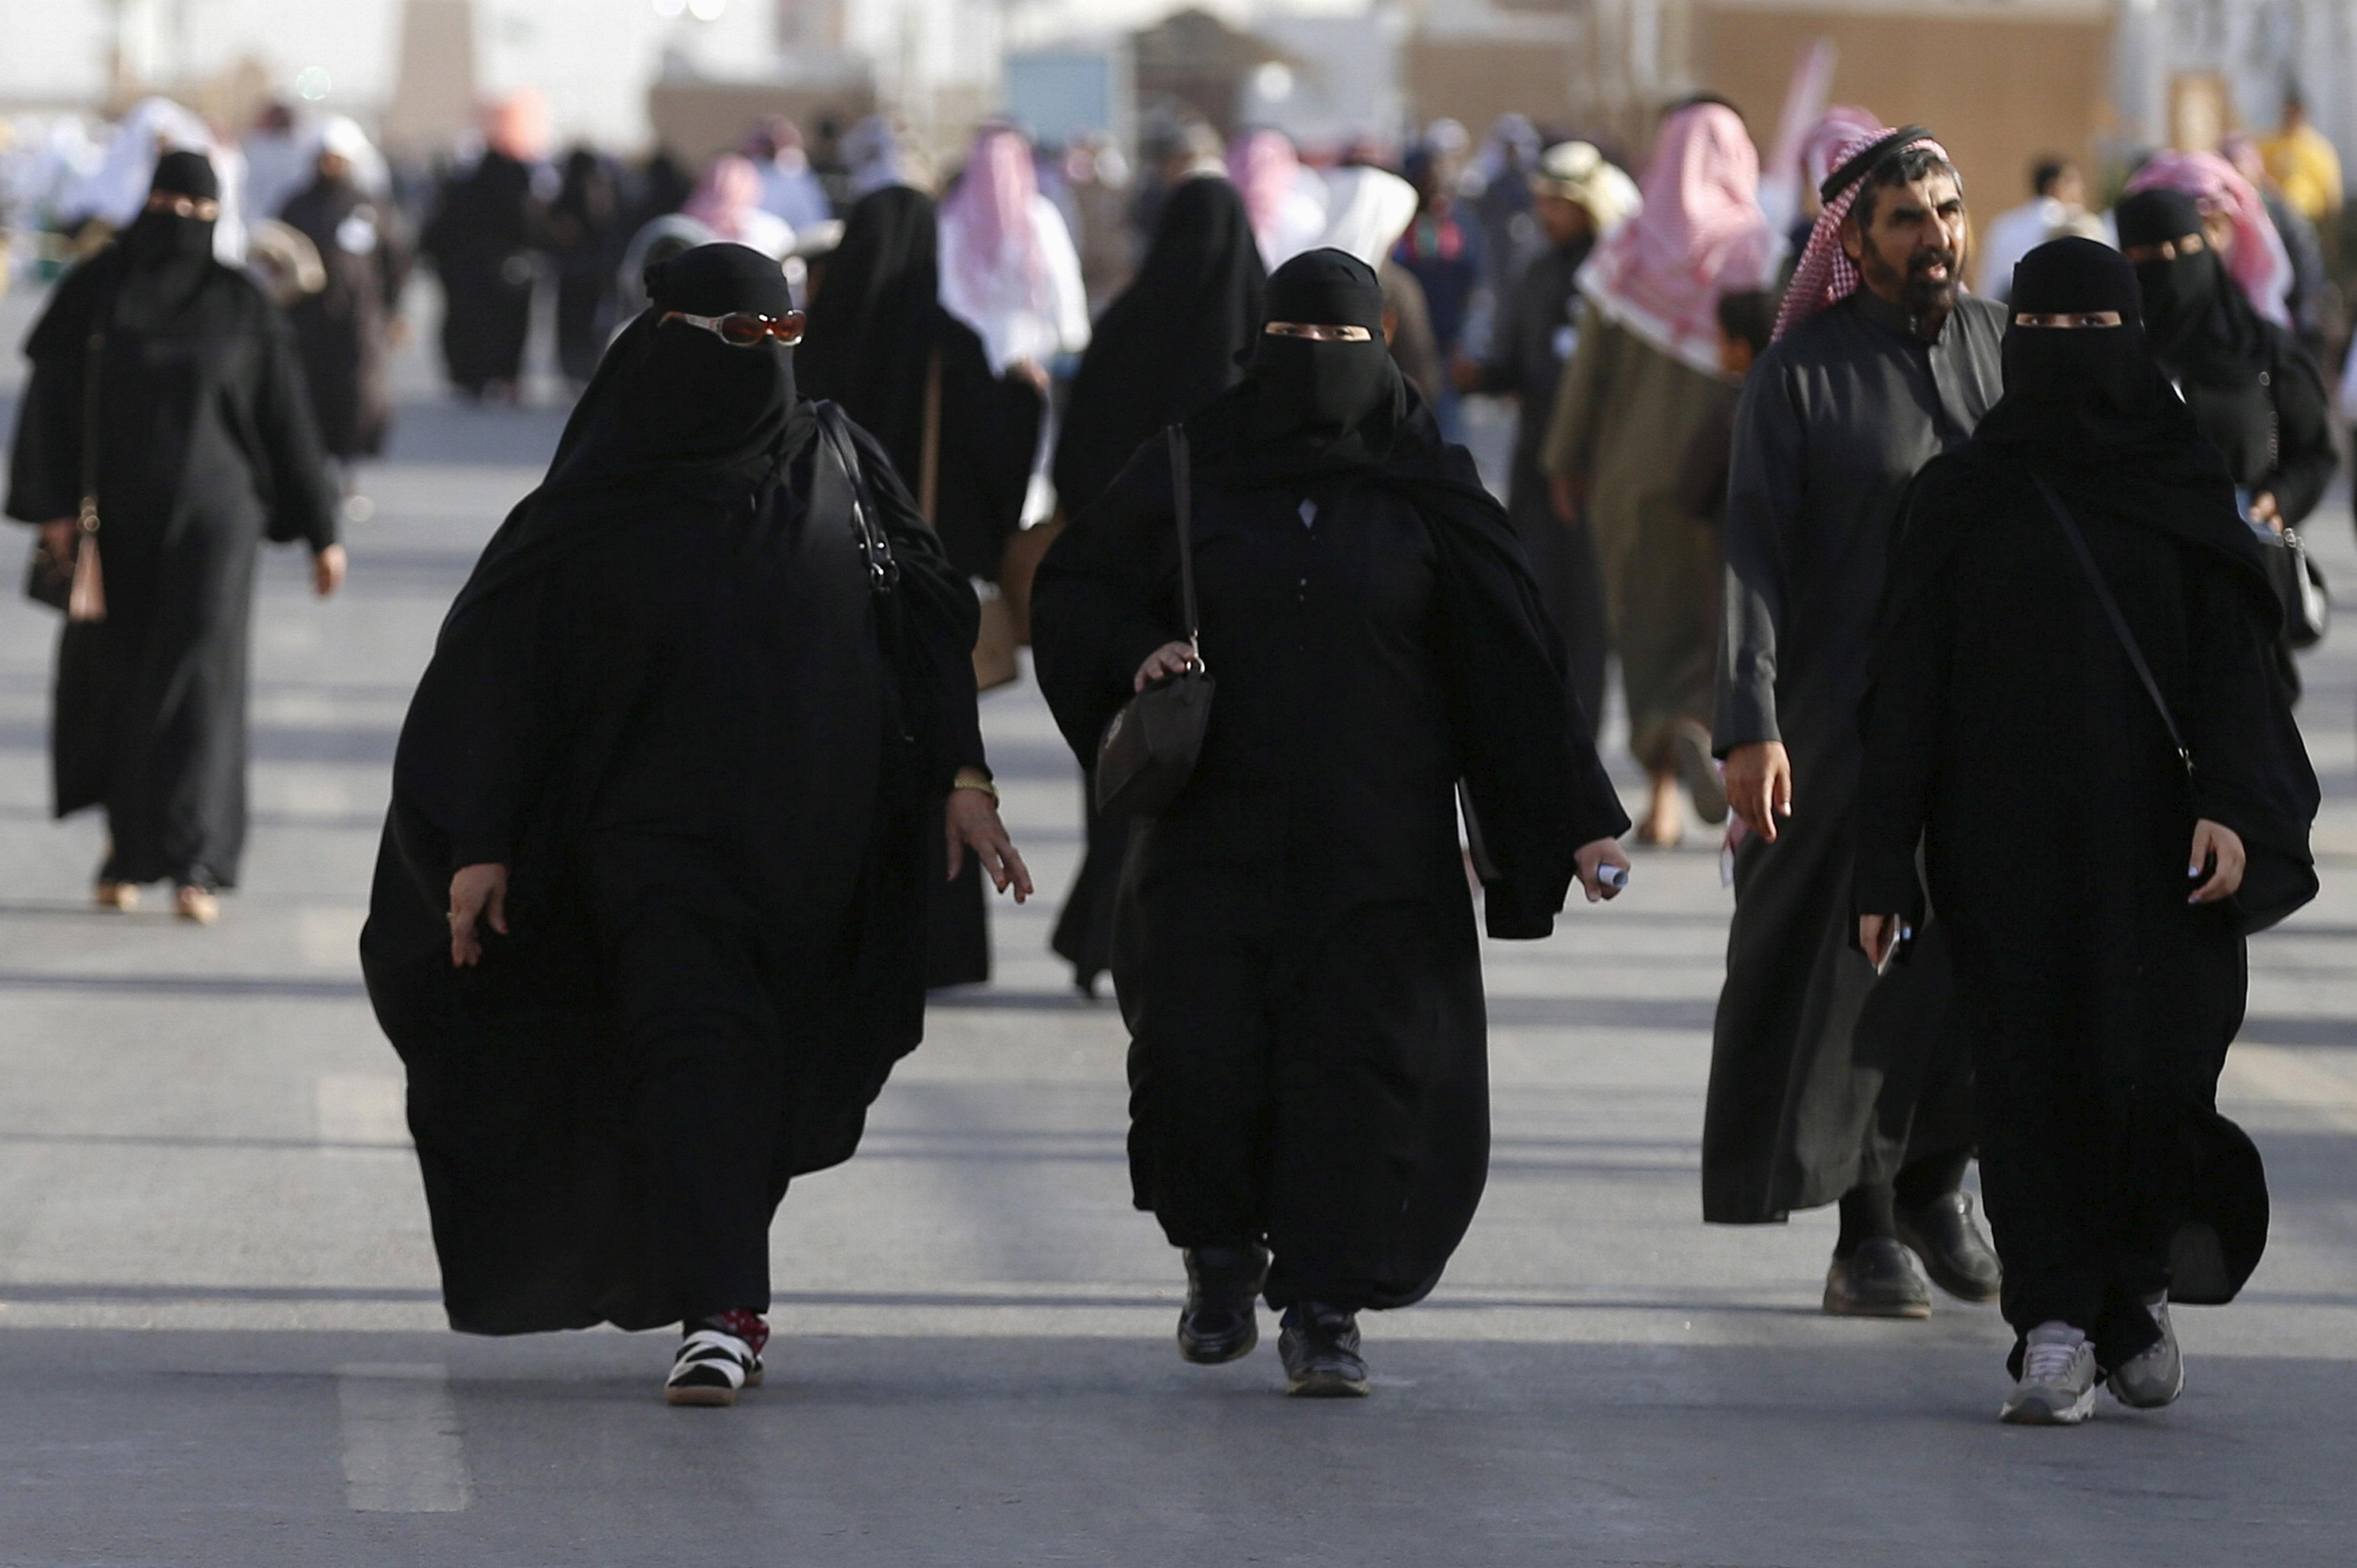 """تعميم عاجل من الداخلية السعودية لـ""""مراكز الشرطة"""" بشأن النساء في احتفالات اليوم الوطني"""